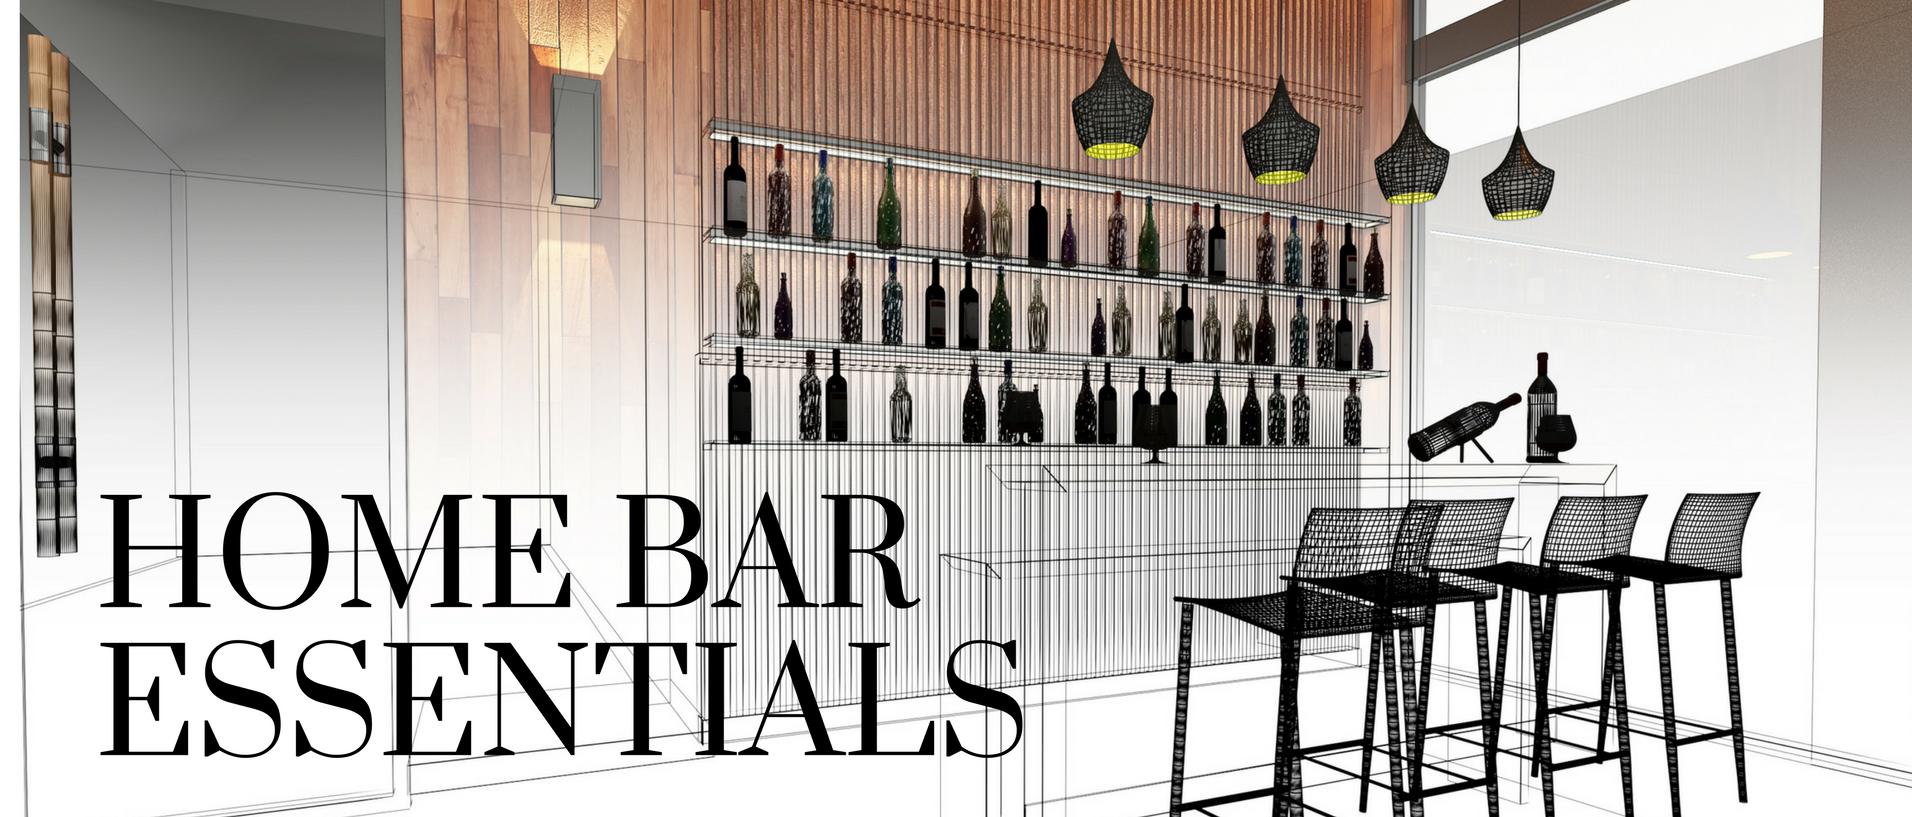 Home Bar Essentials | Appliances Connection